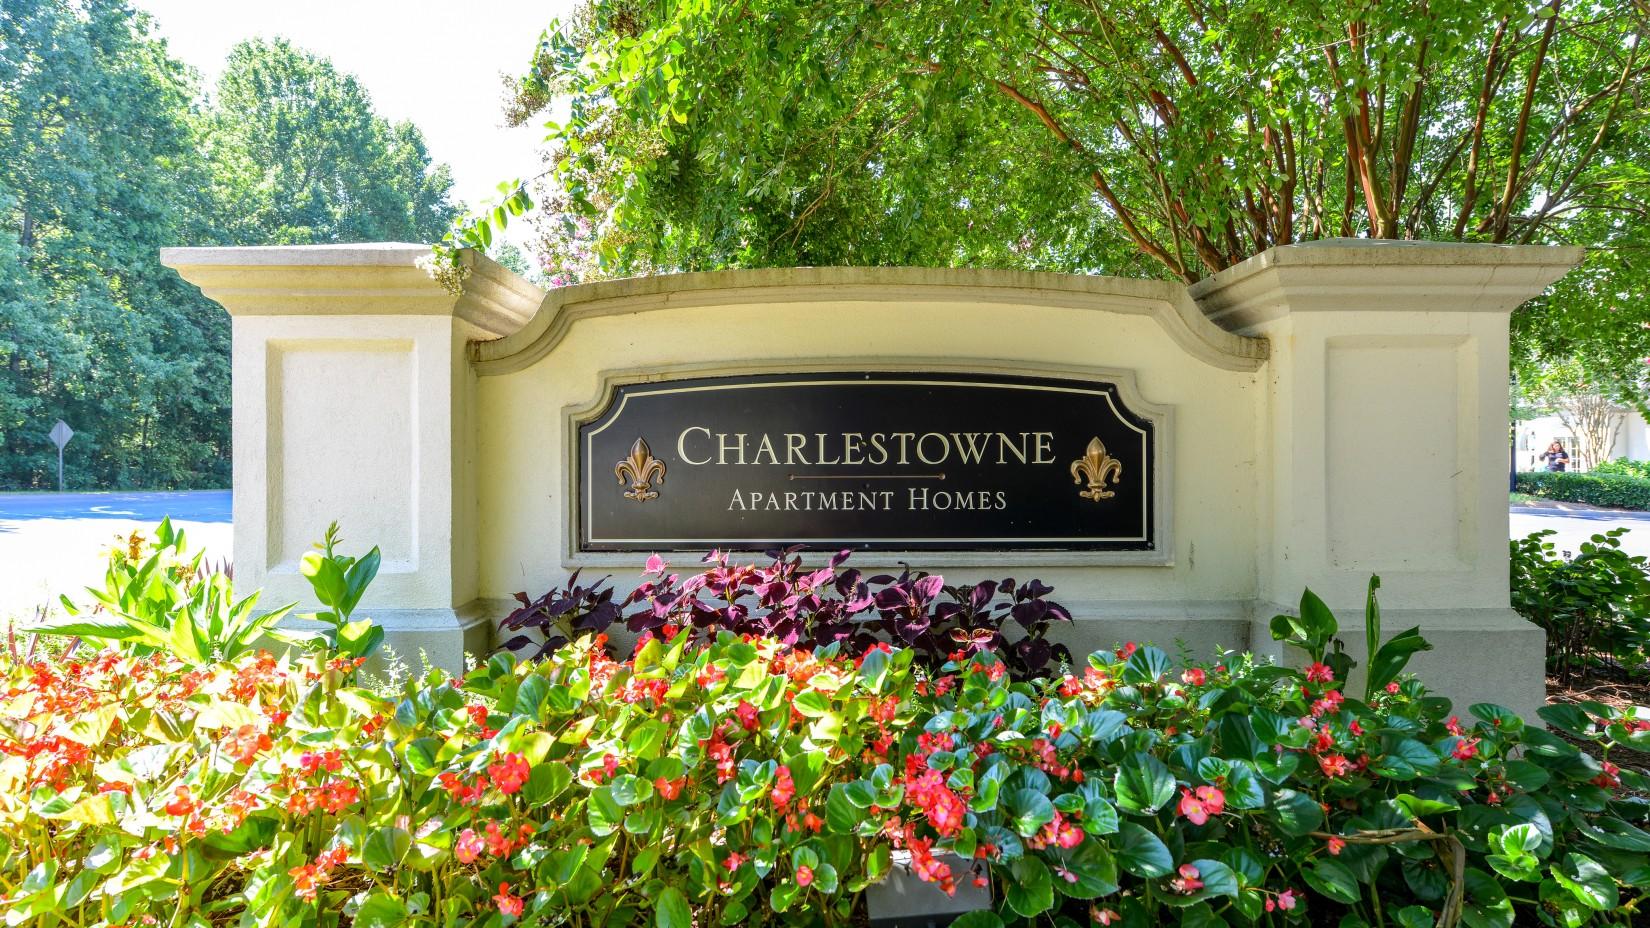 Charlestowne